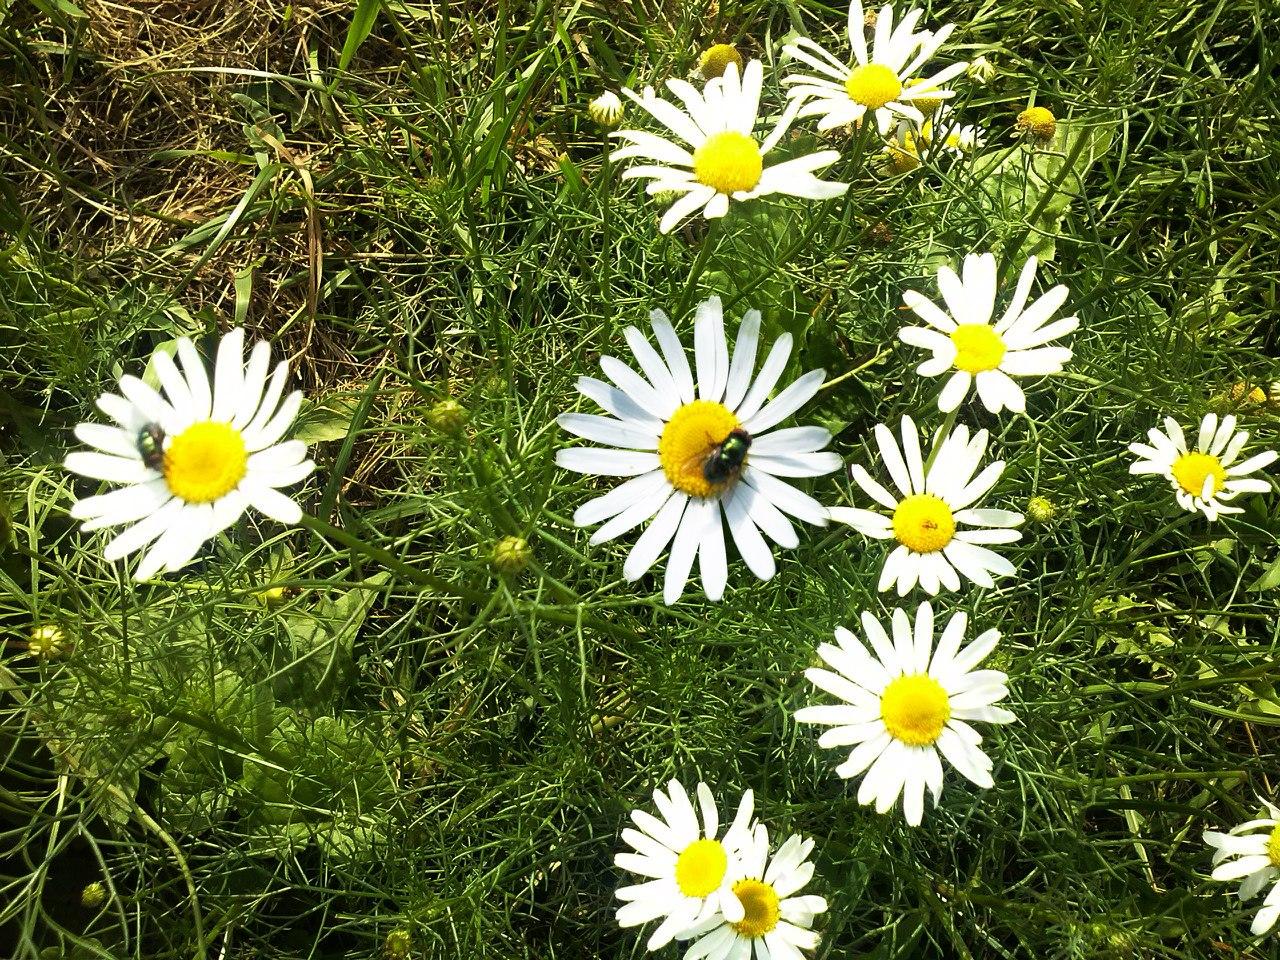 картинки с растениями брянской области бритая подмышка